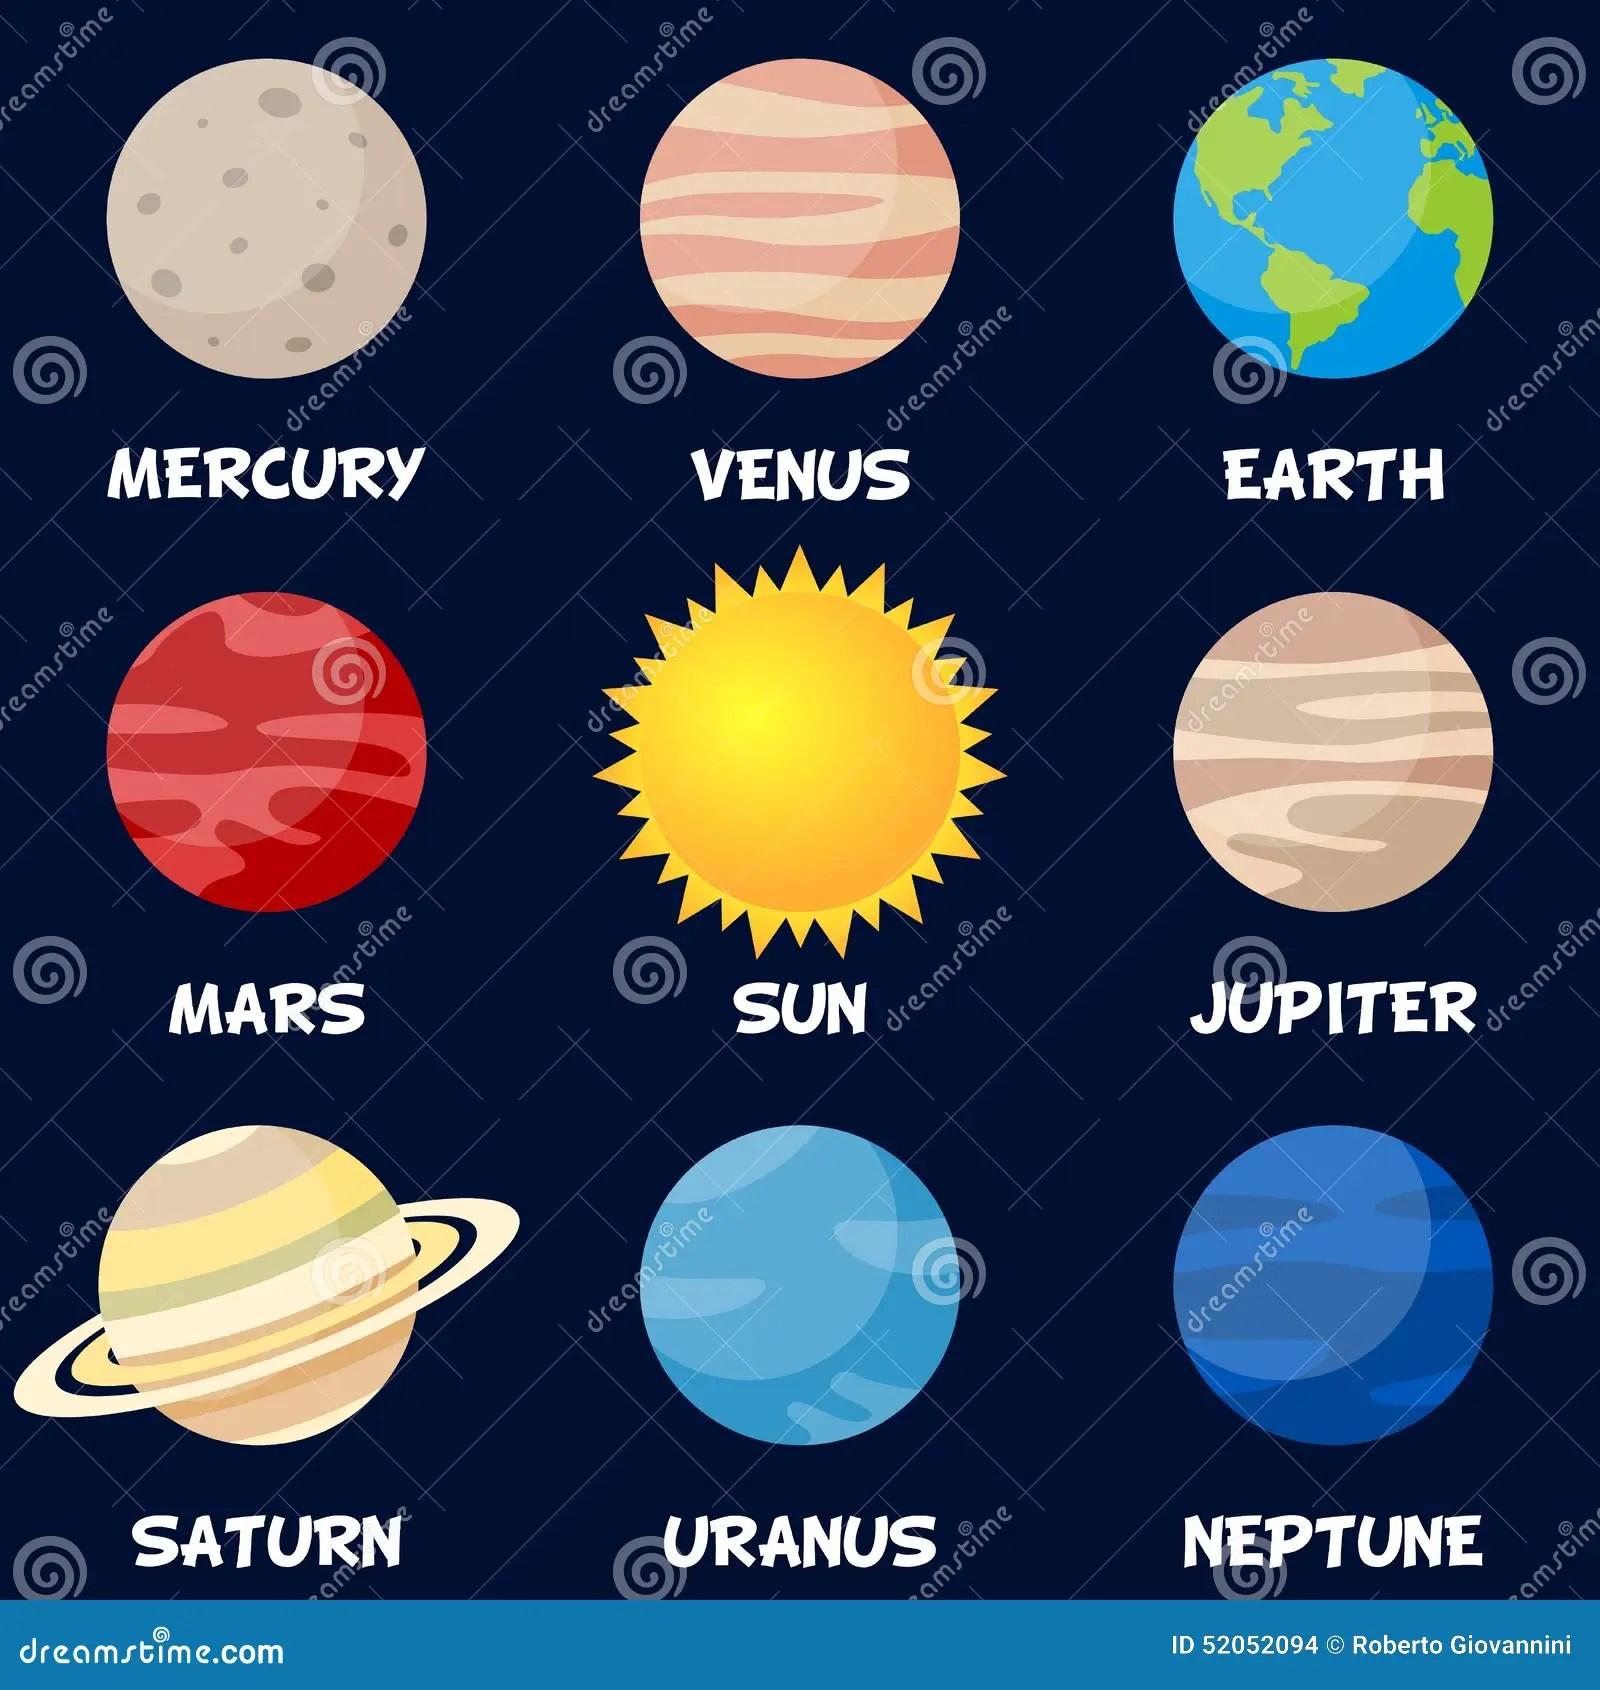 Venus Worksheet Preschool